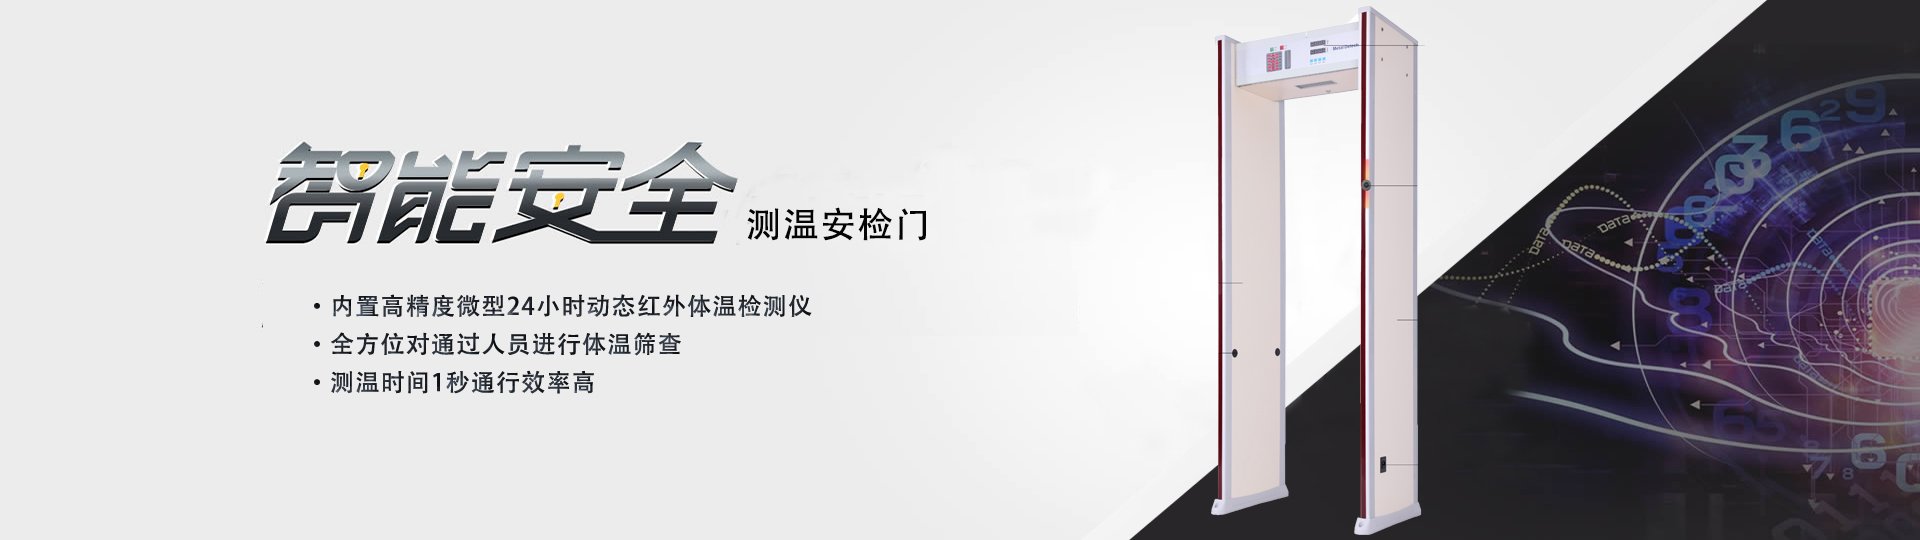 PK10正规平台HX-206测温安检门